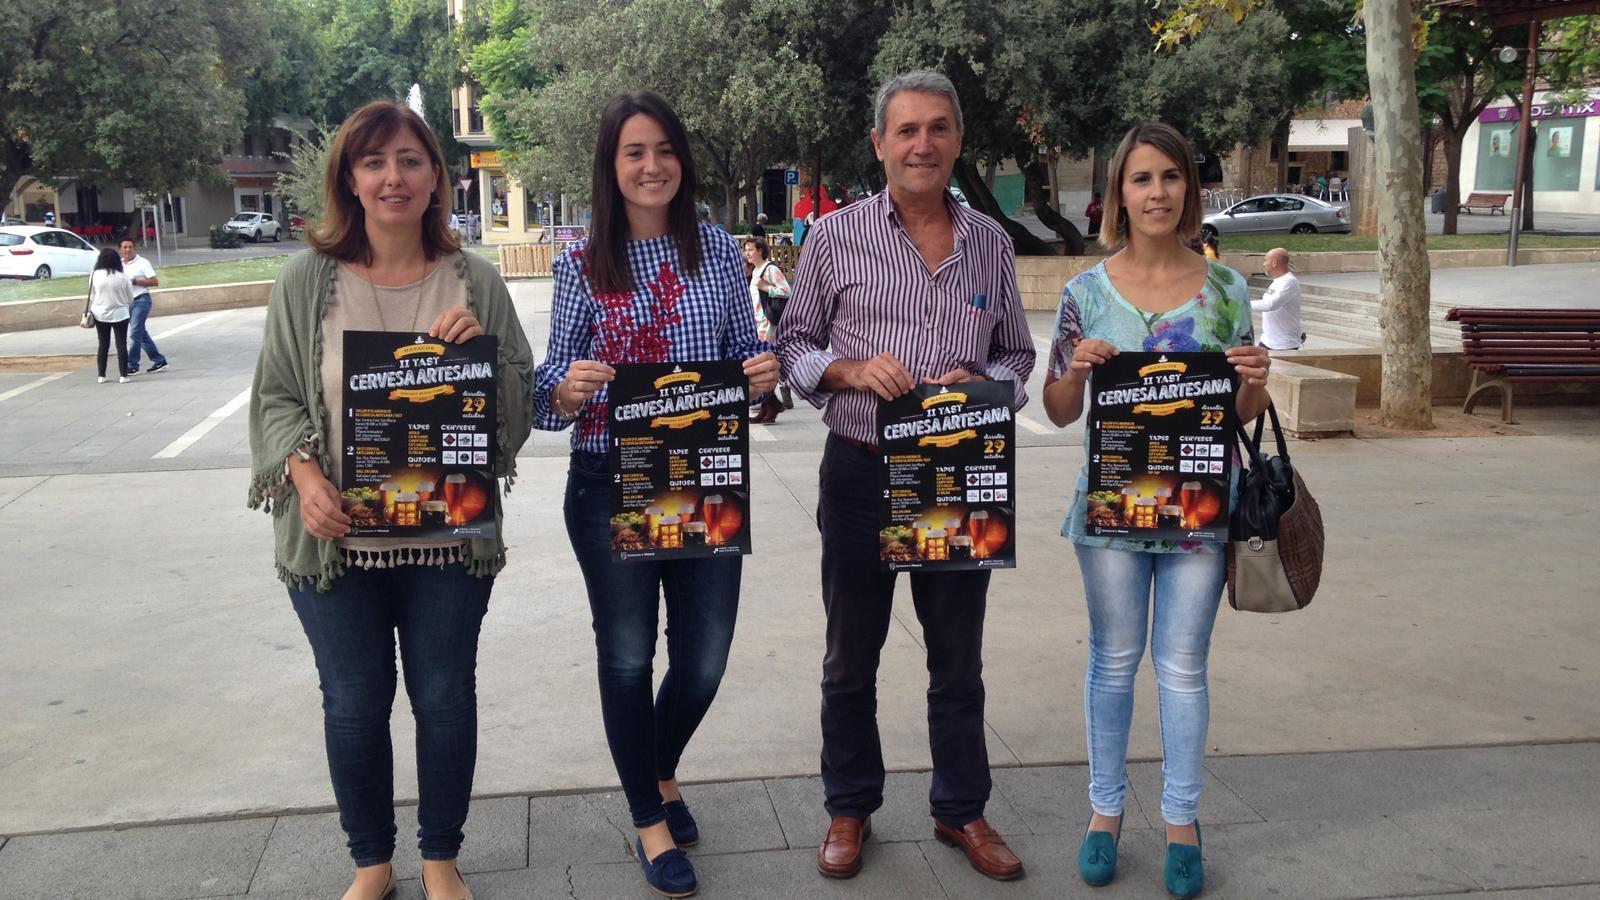 El II Tast de Cerveses Artesanes a Manacor tindrà lloc a la plaça Ramon Llull.